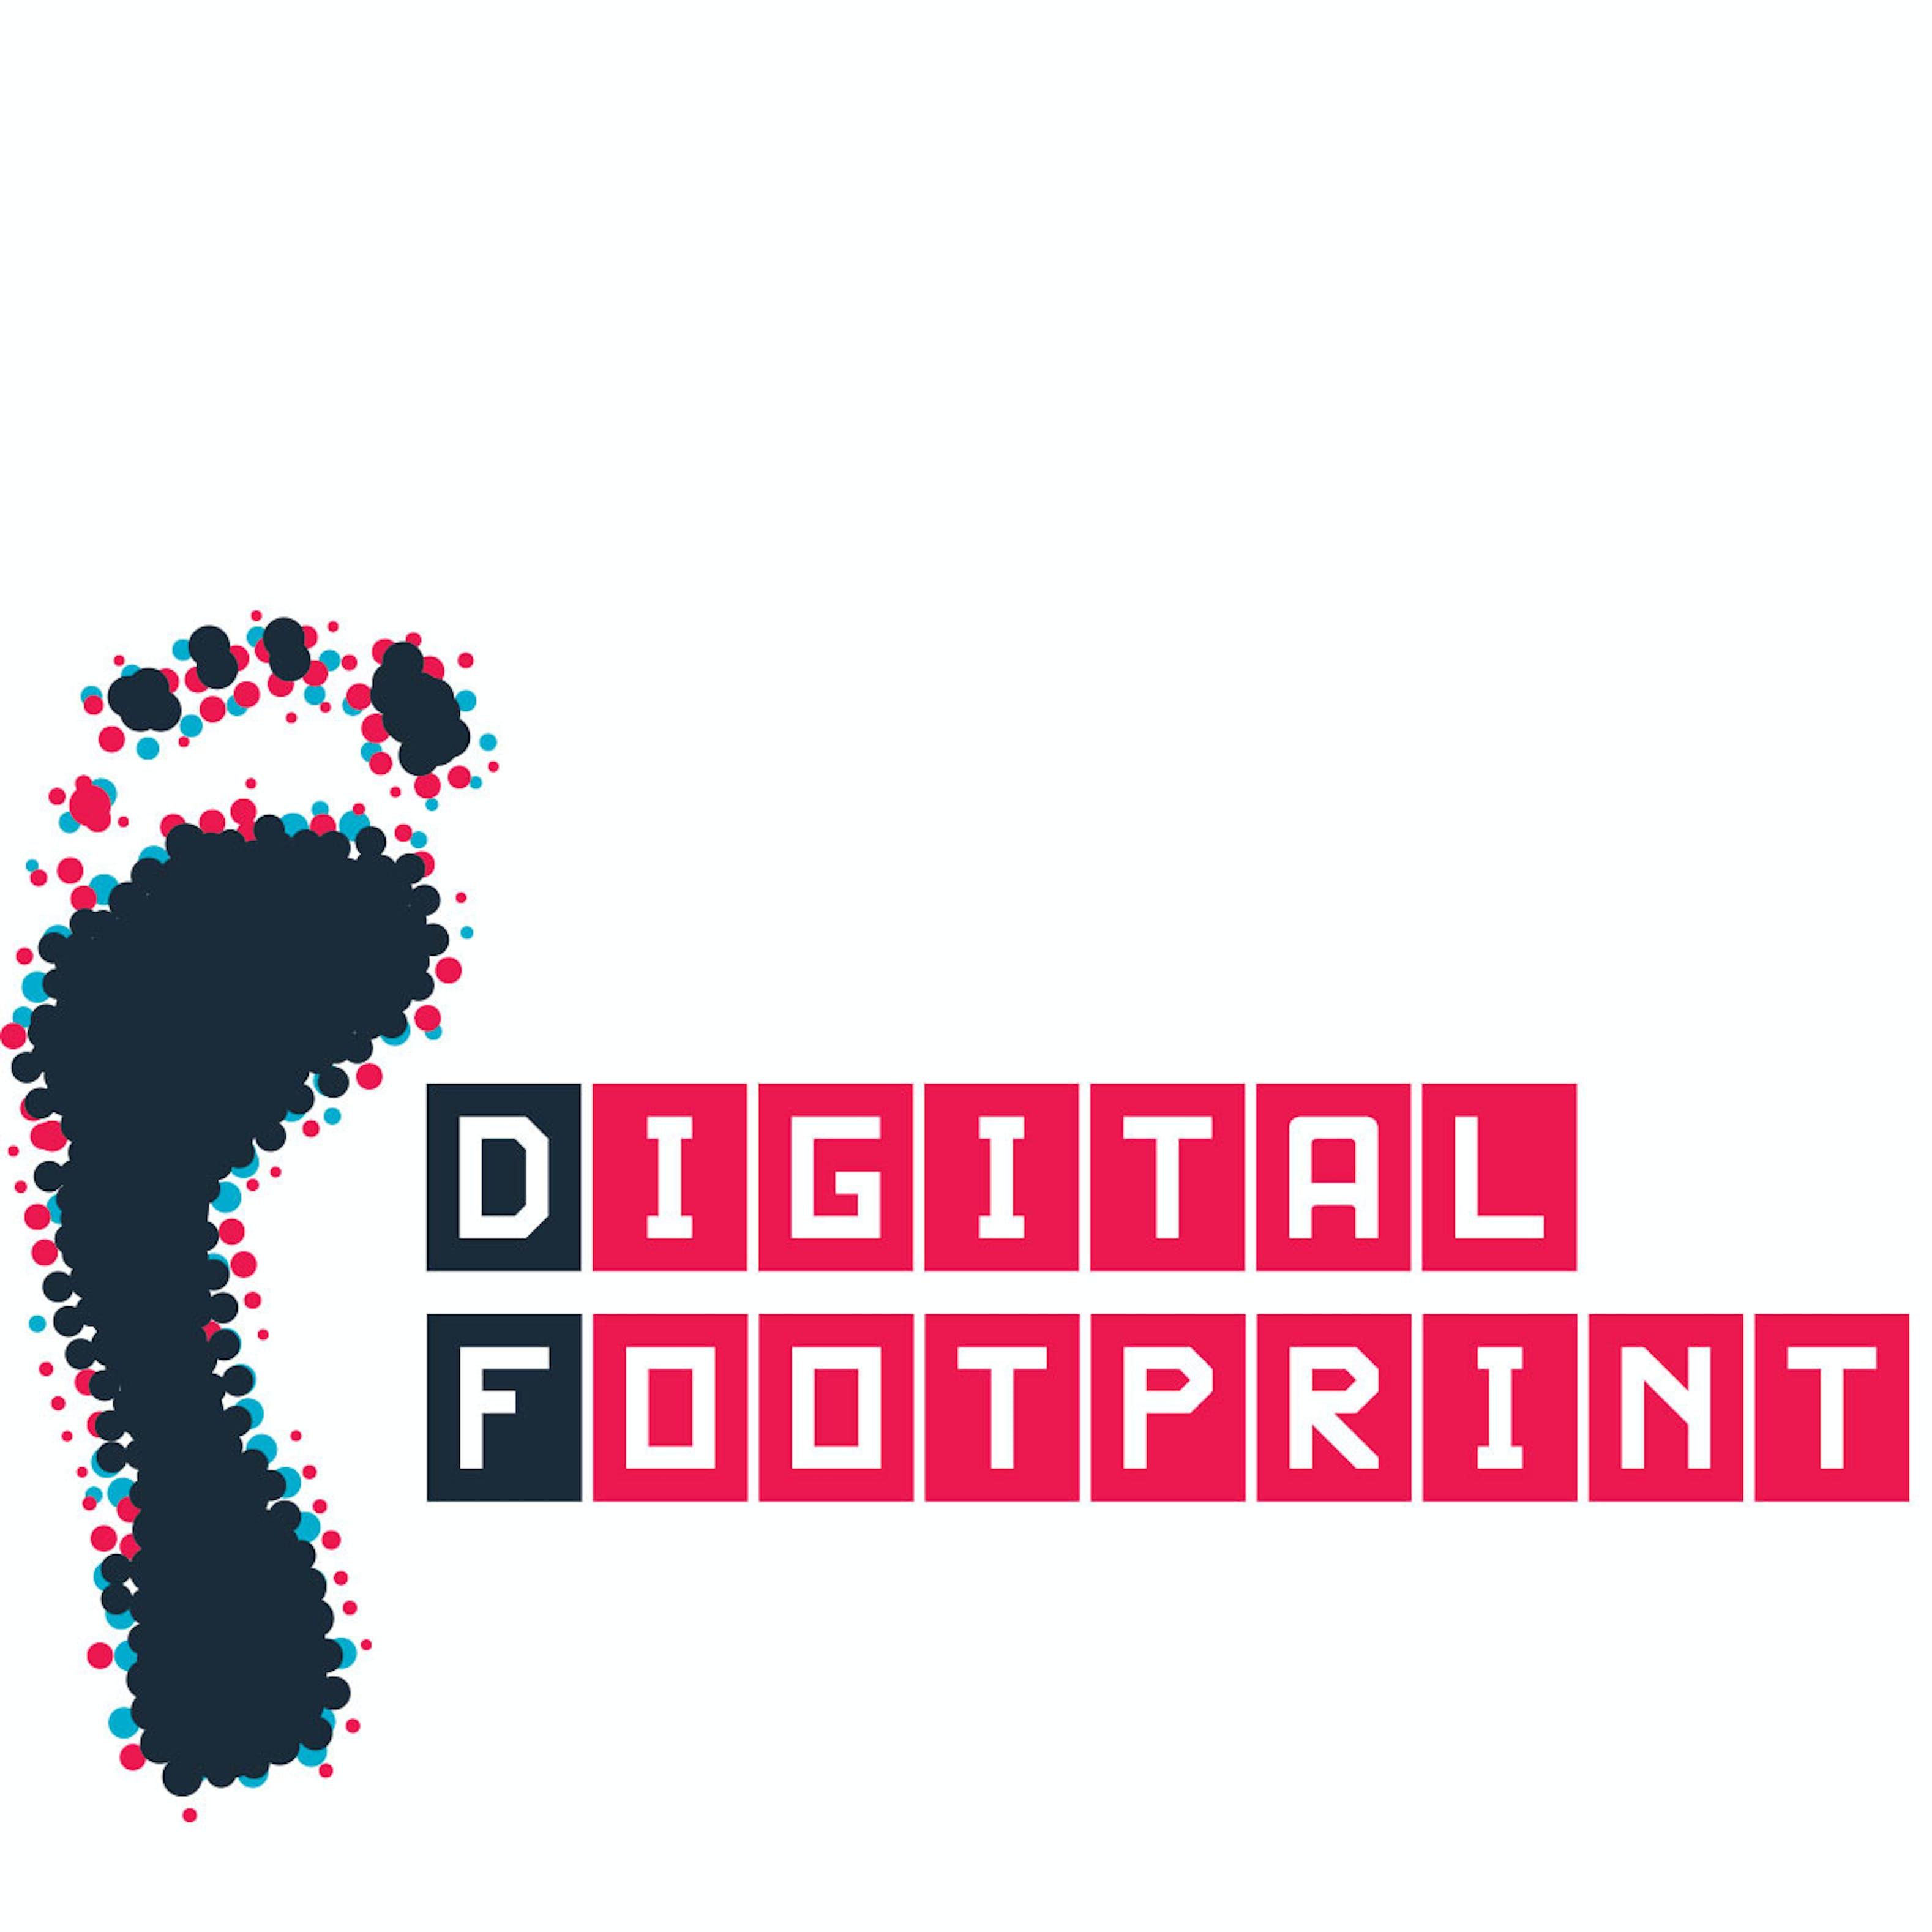 Image result for digital footprint